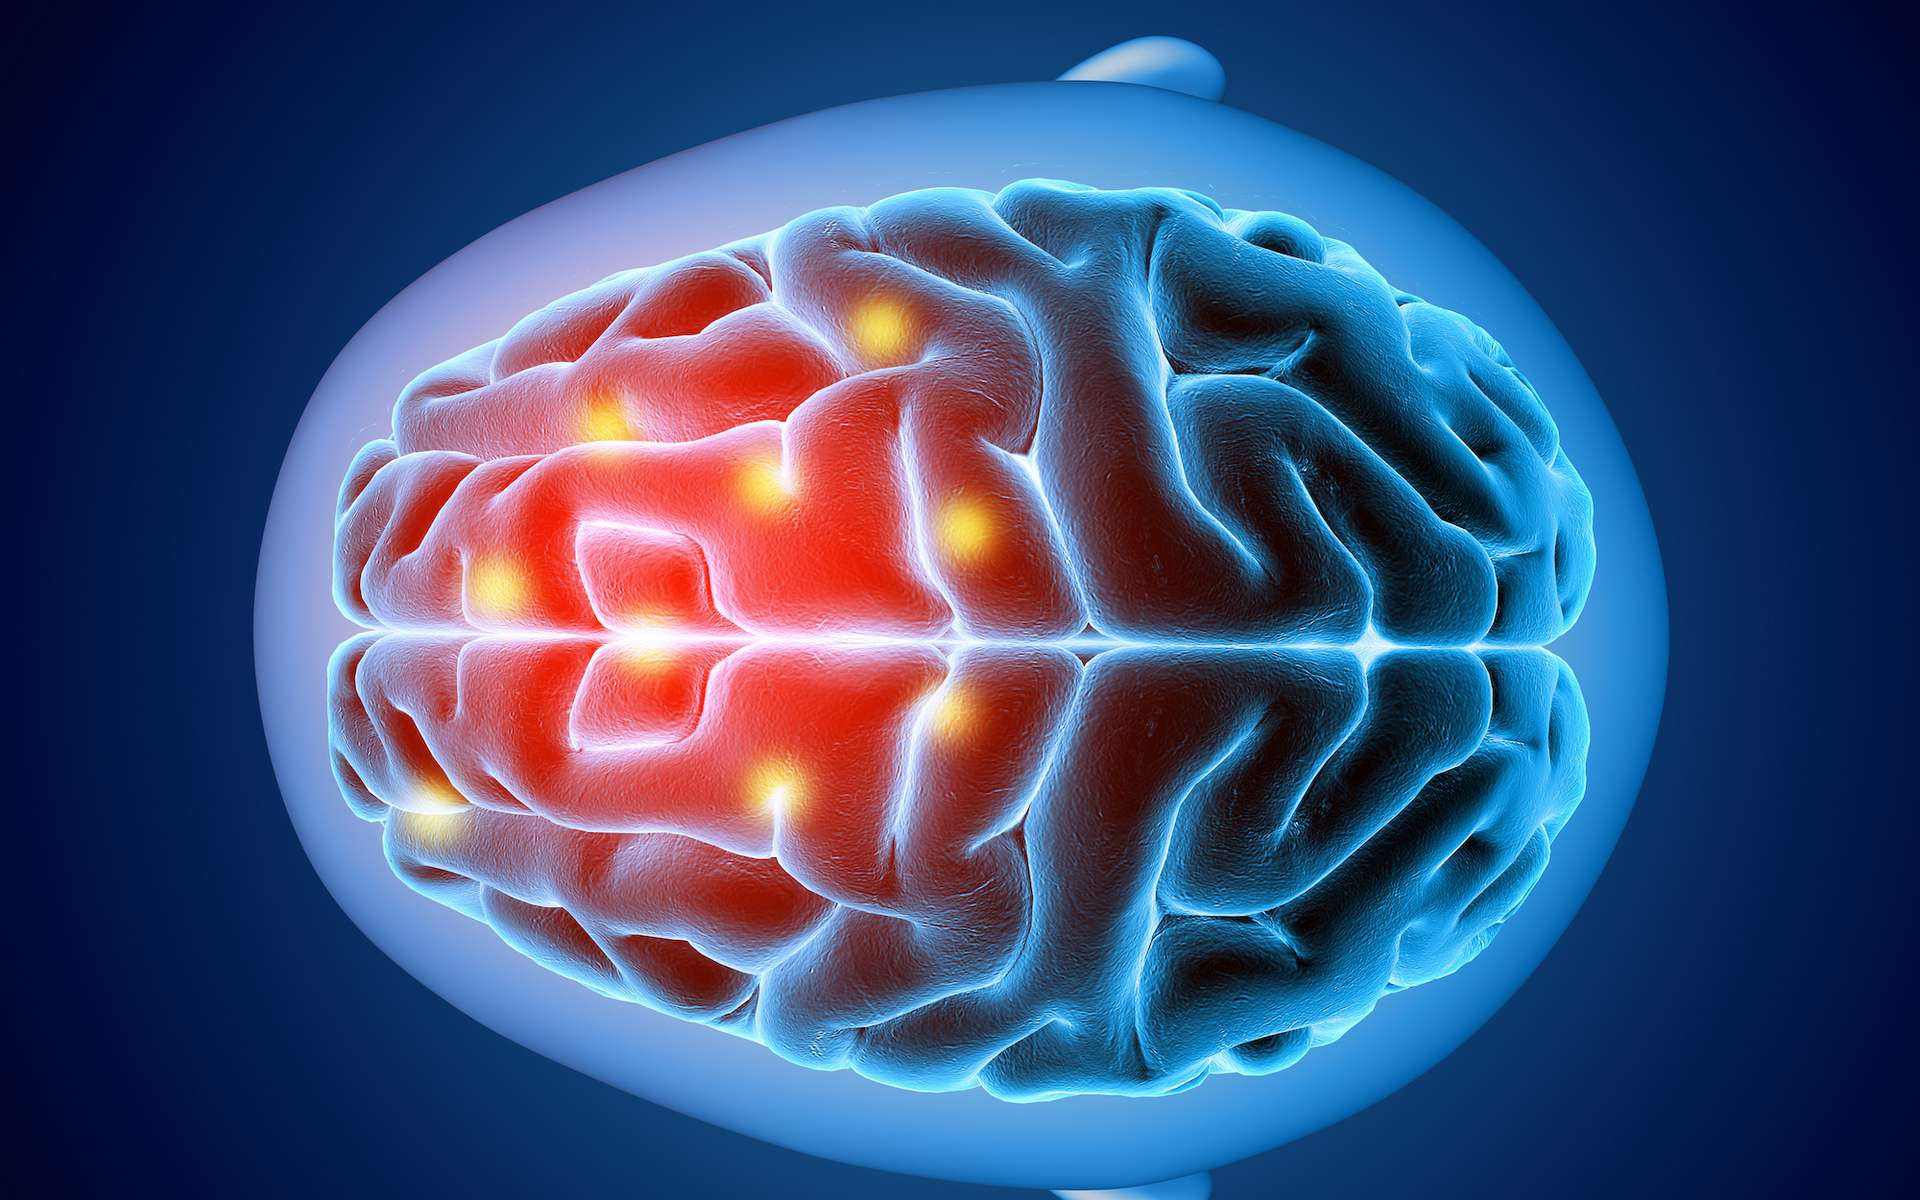 La maladie de Pick est liée à l'accumulation dans le cerveau de protéines Tau anormales appelées «corps de Pick». © Kirsty Pargeter, Adobe Stock